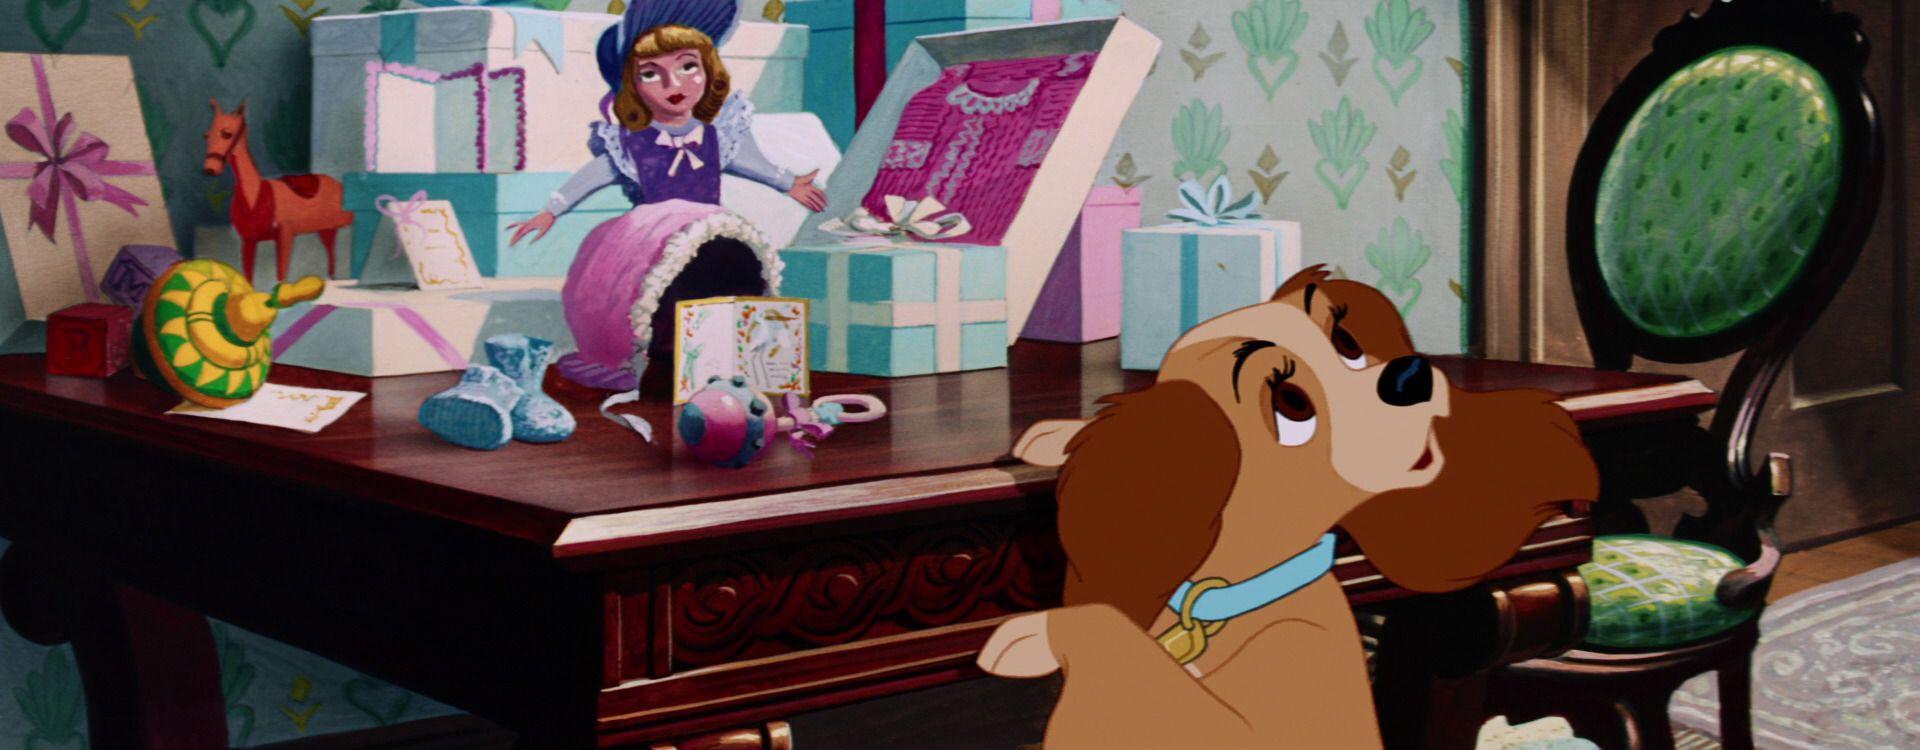 Lady And The Tramp 1955 Disney Screencaps Com Disney Concept Art Lady And The Tramp Disney Facts